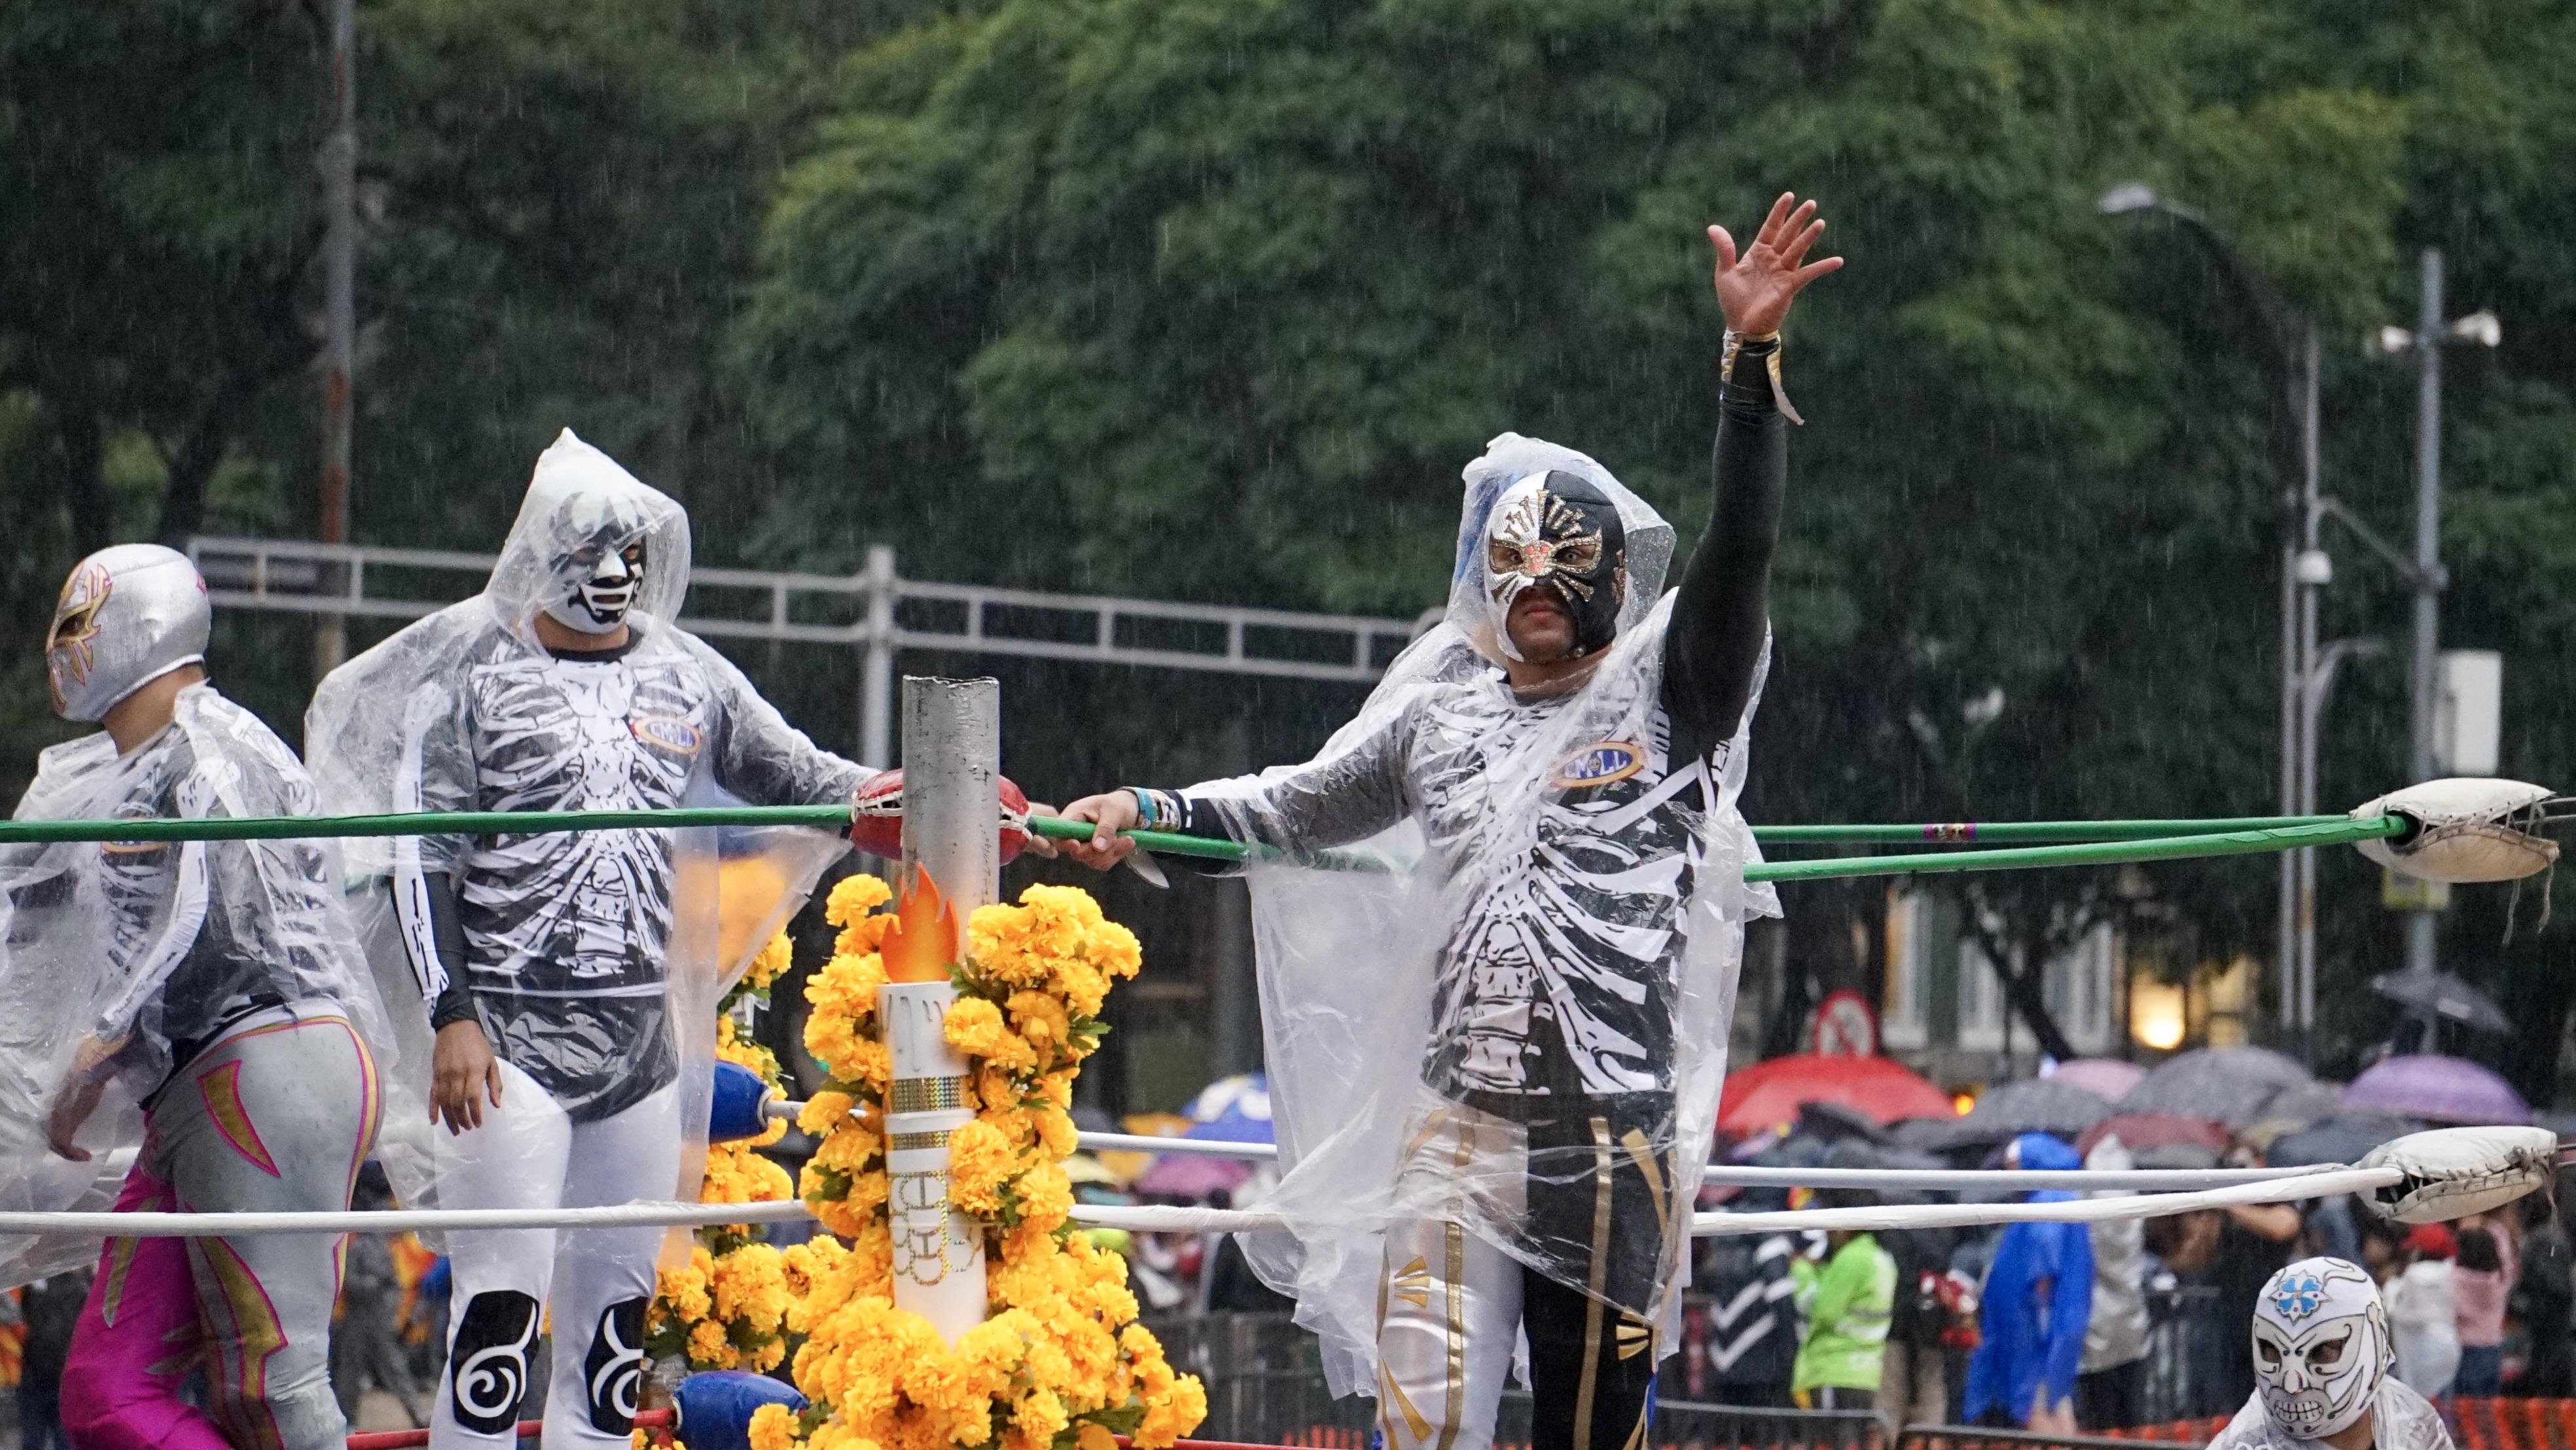 Los enmascarados tuvieron que cubrirse de la lluvia